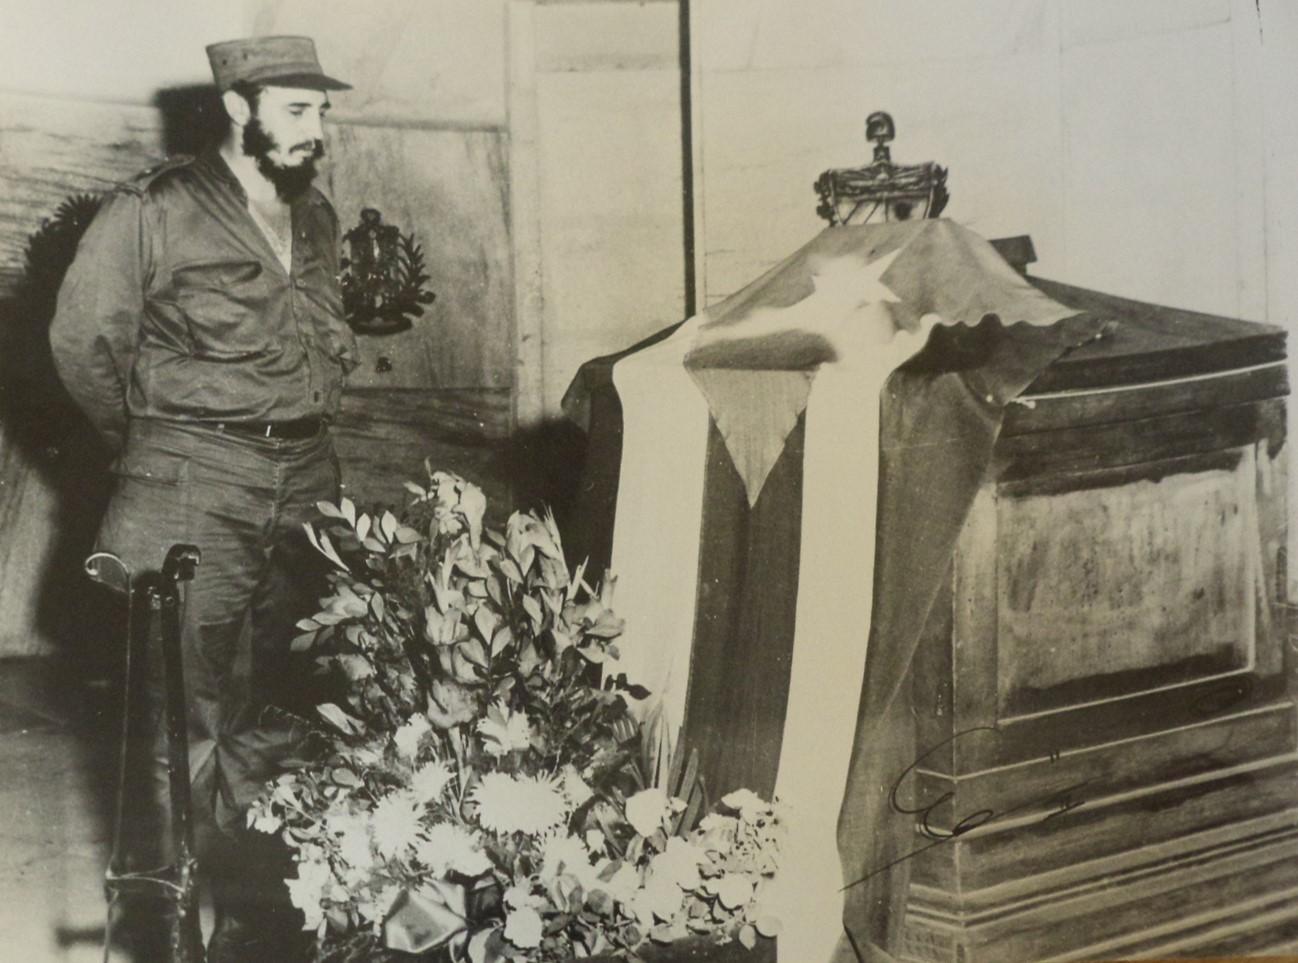 Primera visita al cementerio Santa Ifigenia tras el triunfo de la Revolución para rendir tributo a José Martí. Santiago de Cuba 5 de febrero de 1959